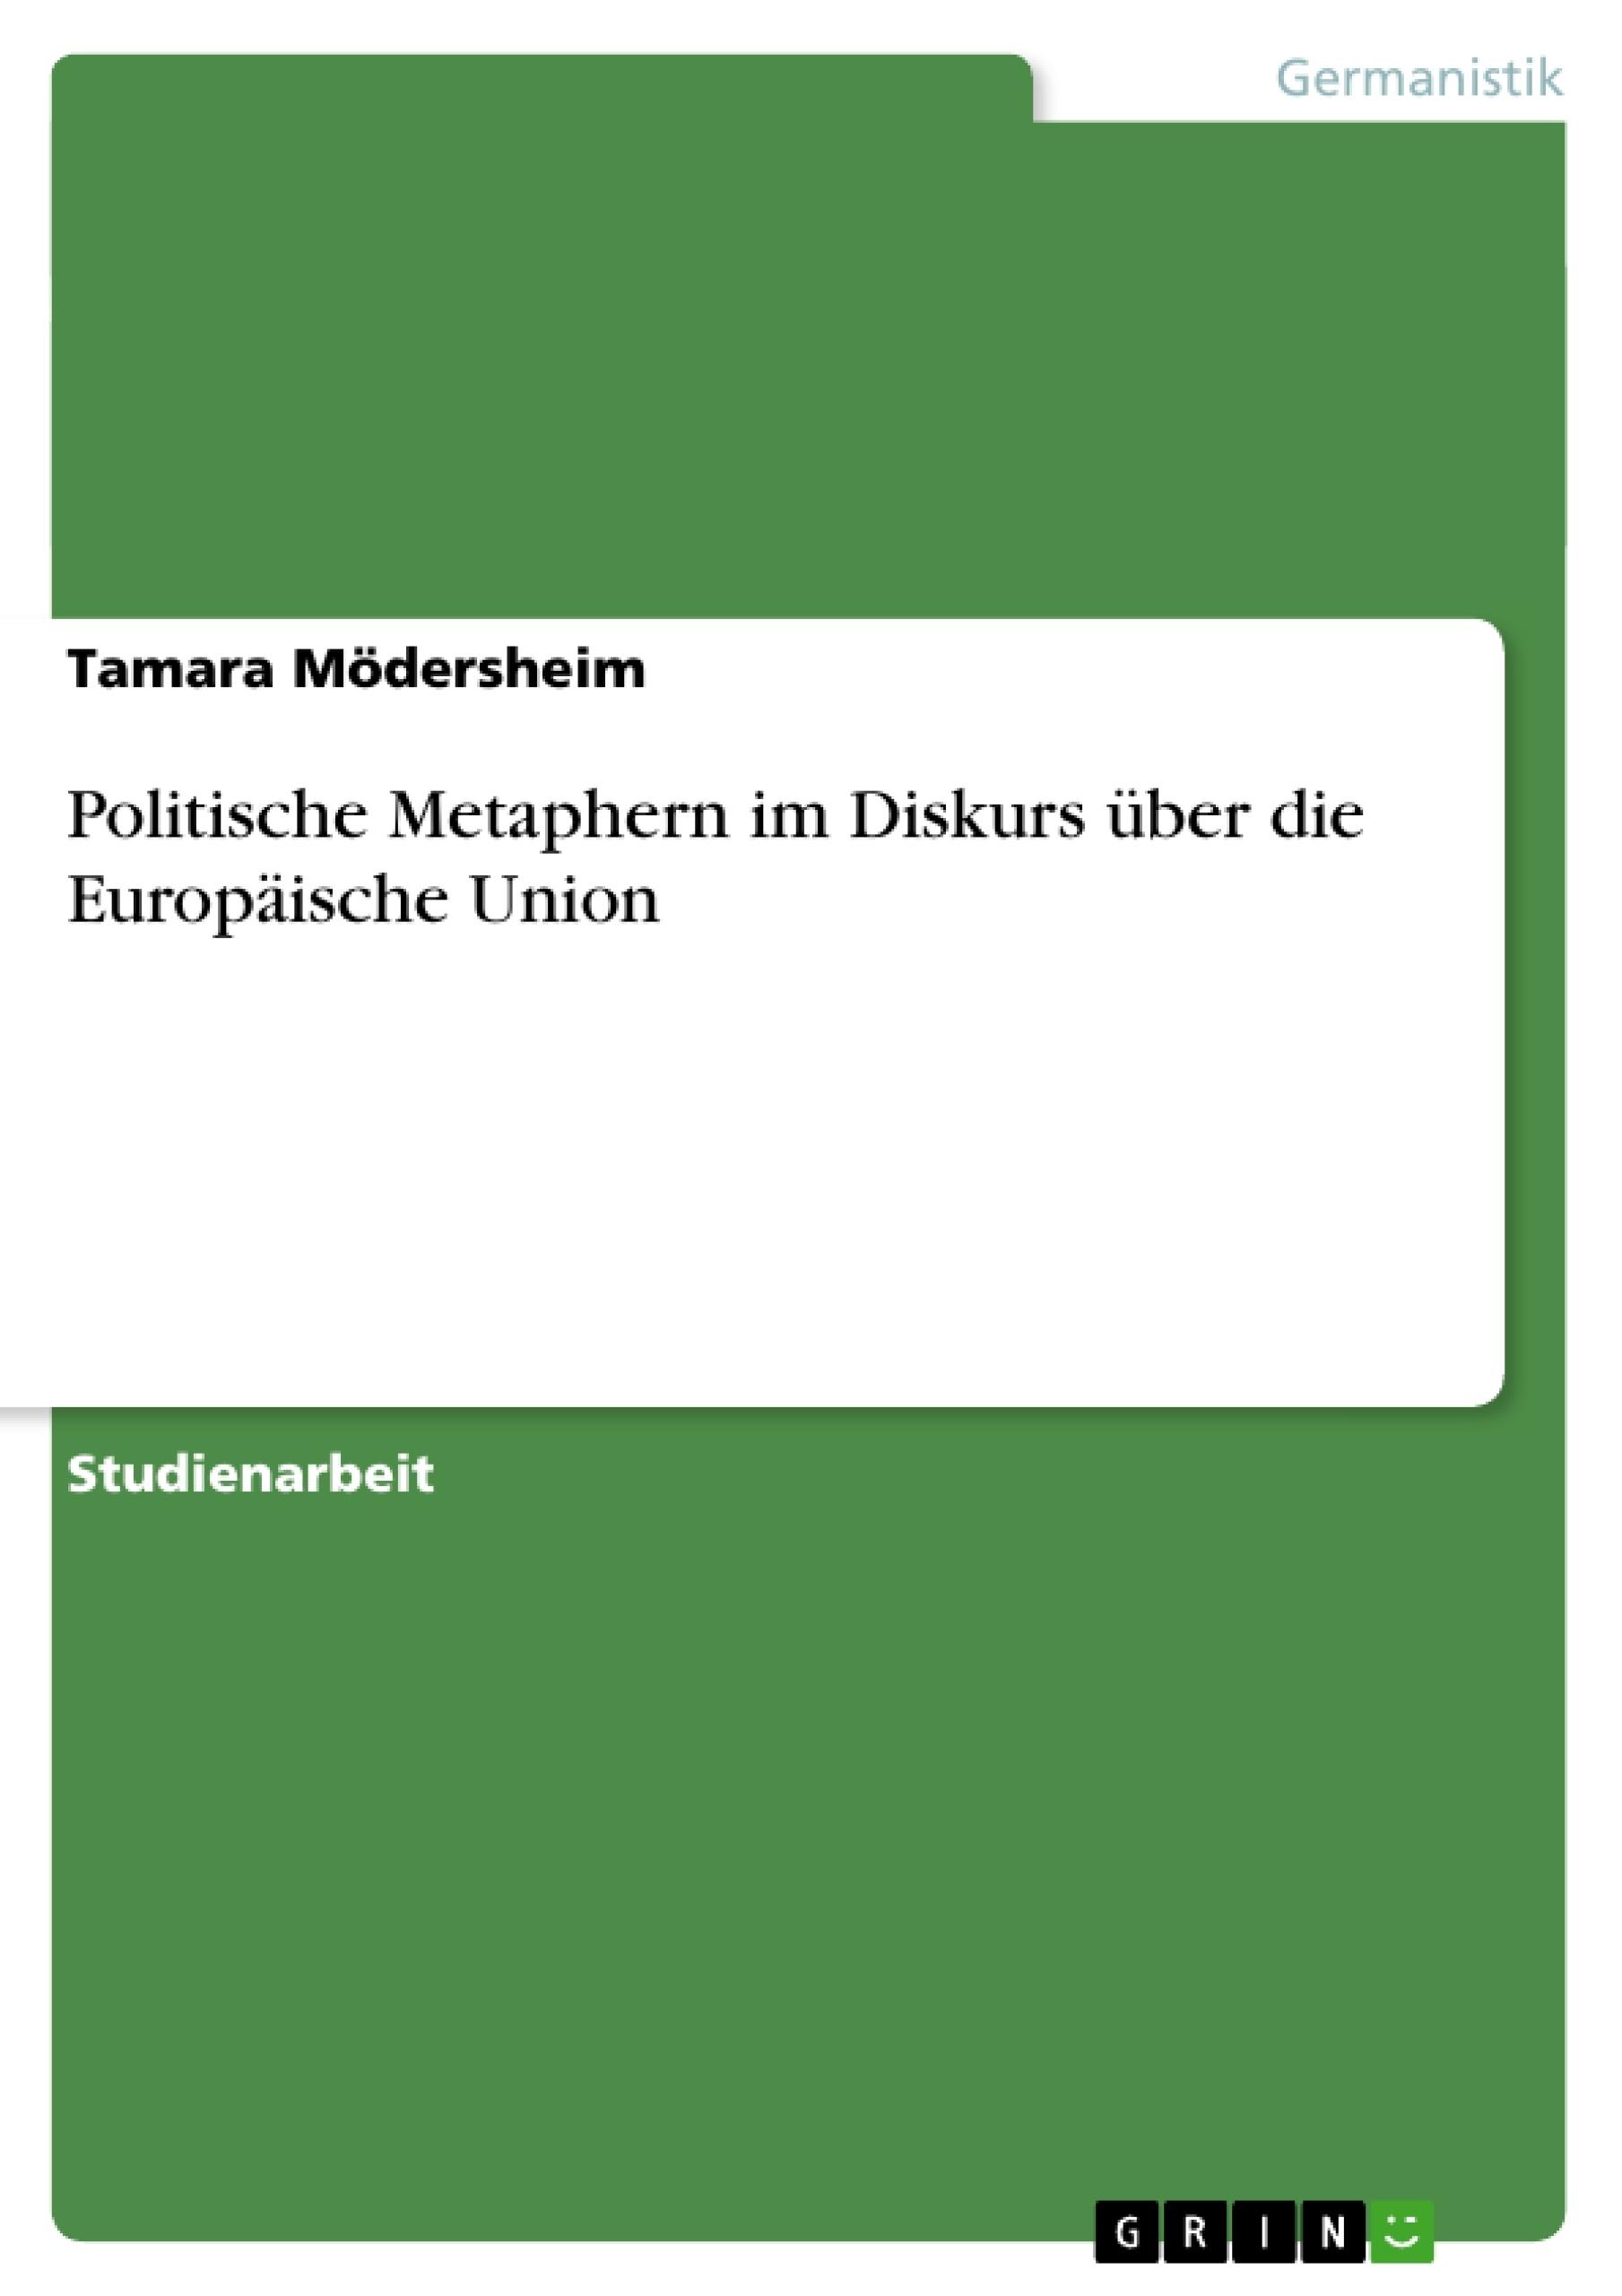 Titel: Politische Metaphern im Diskurs über die Europäische Union